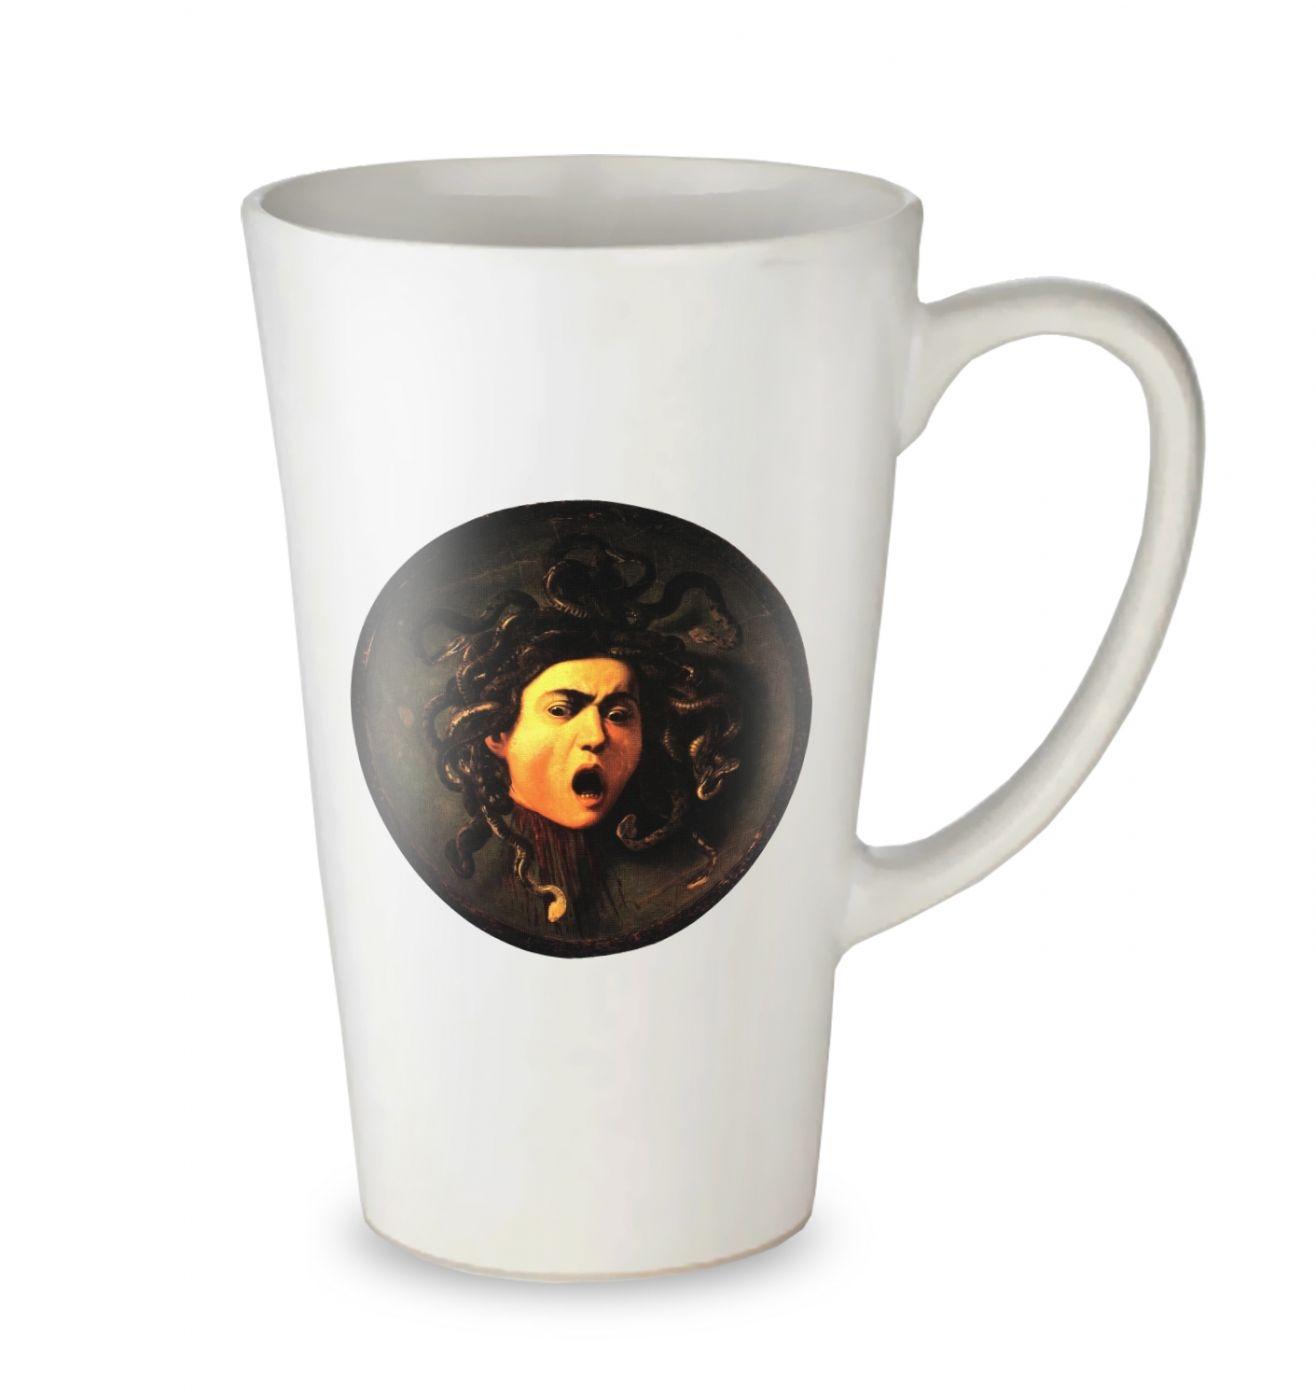 Caravaggio Medusa tall latte mug